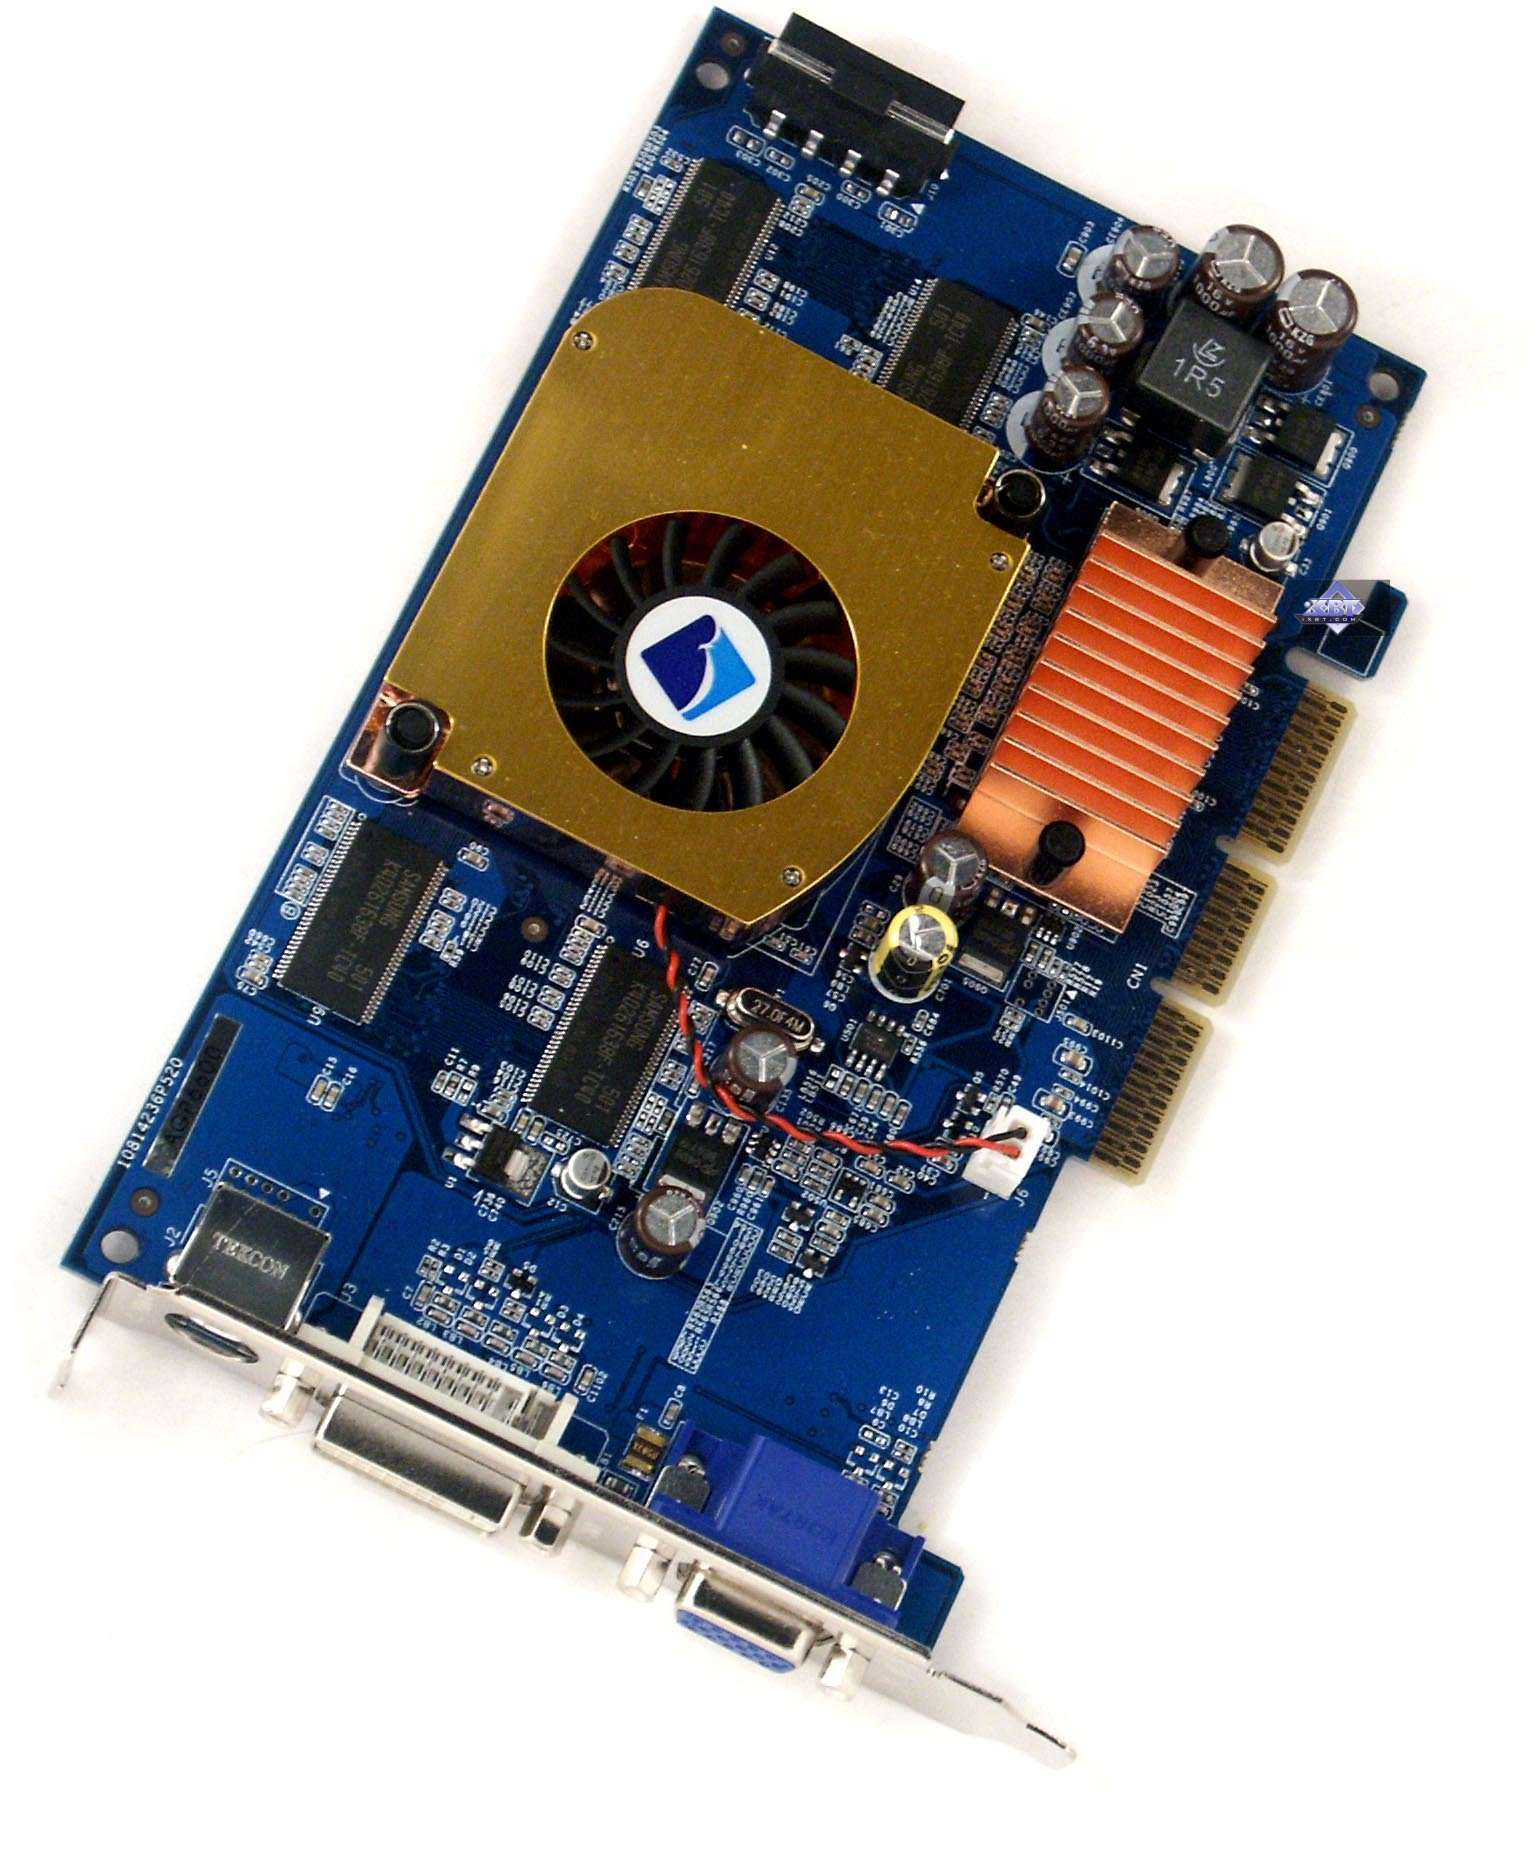 скачать последний драйвер для видеокарты geforce gt 630